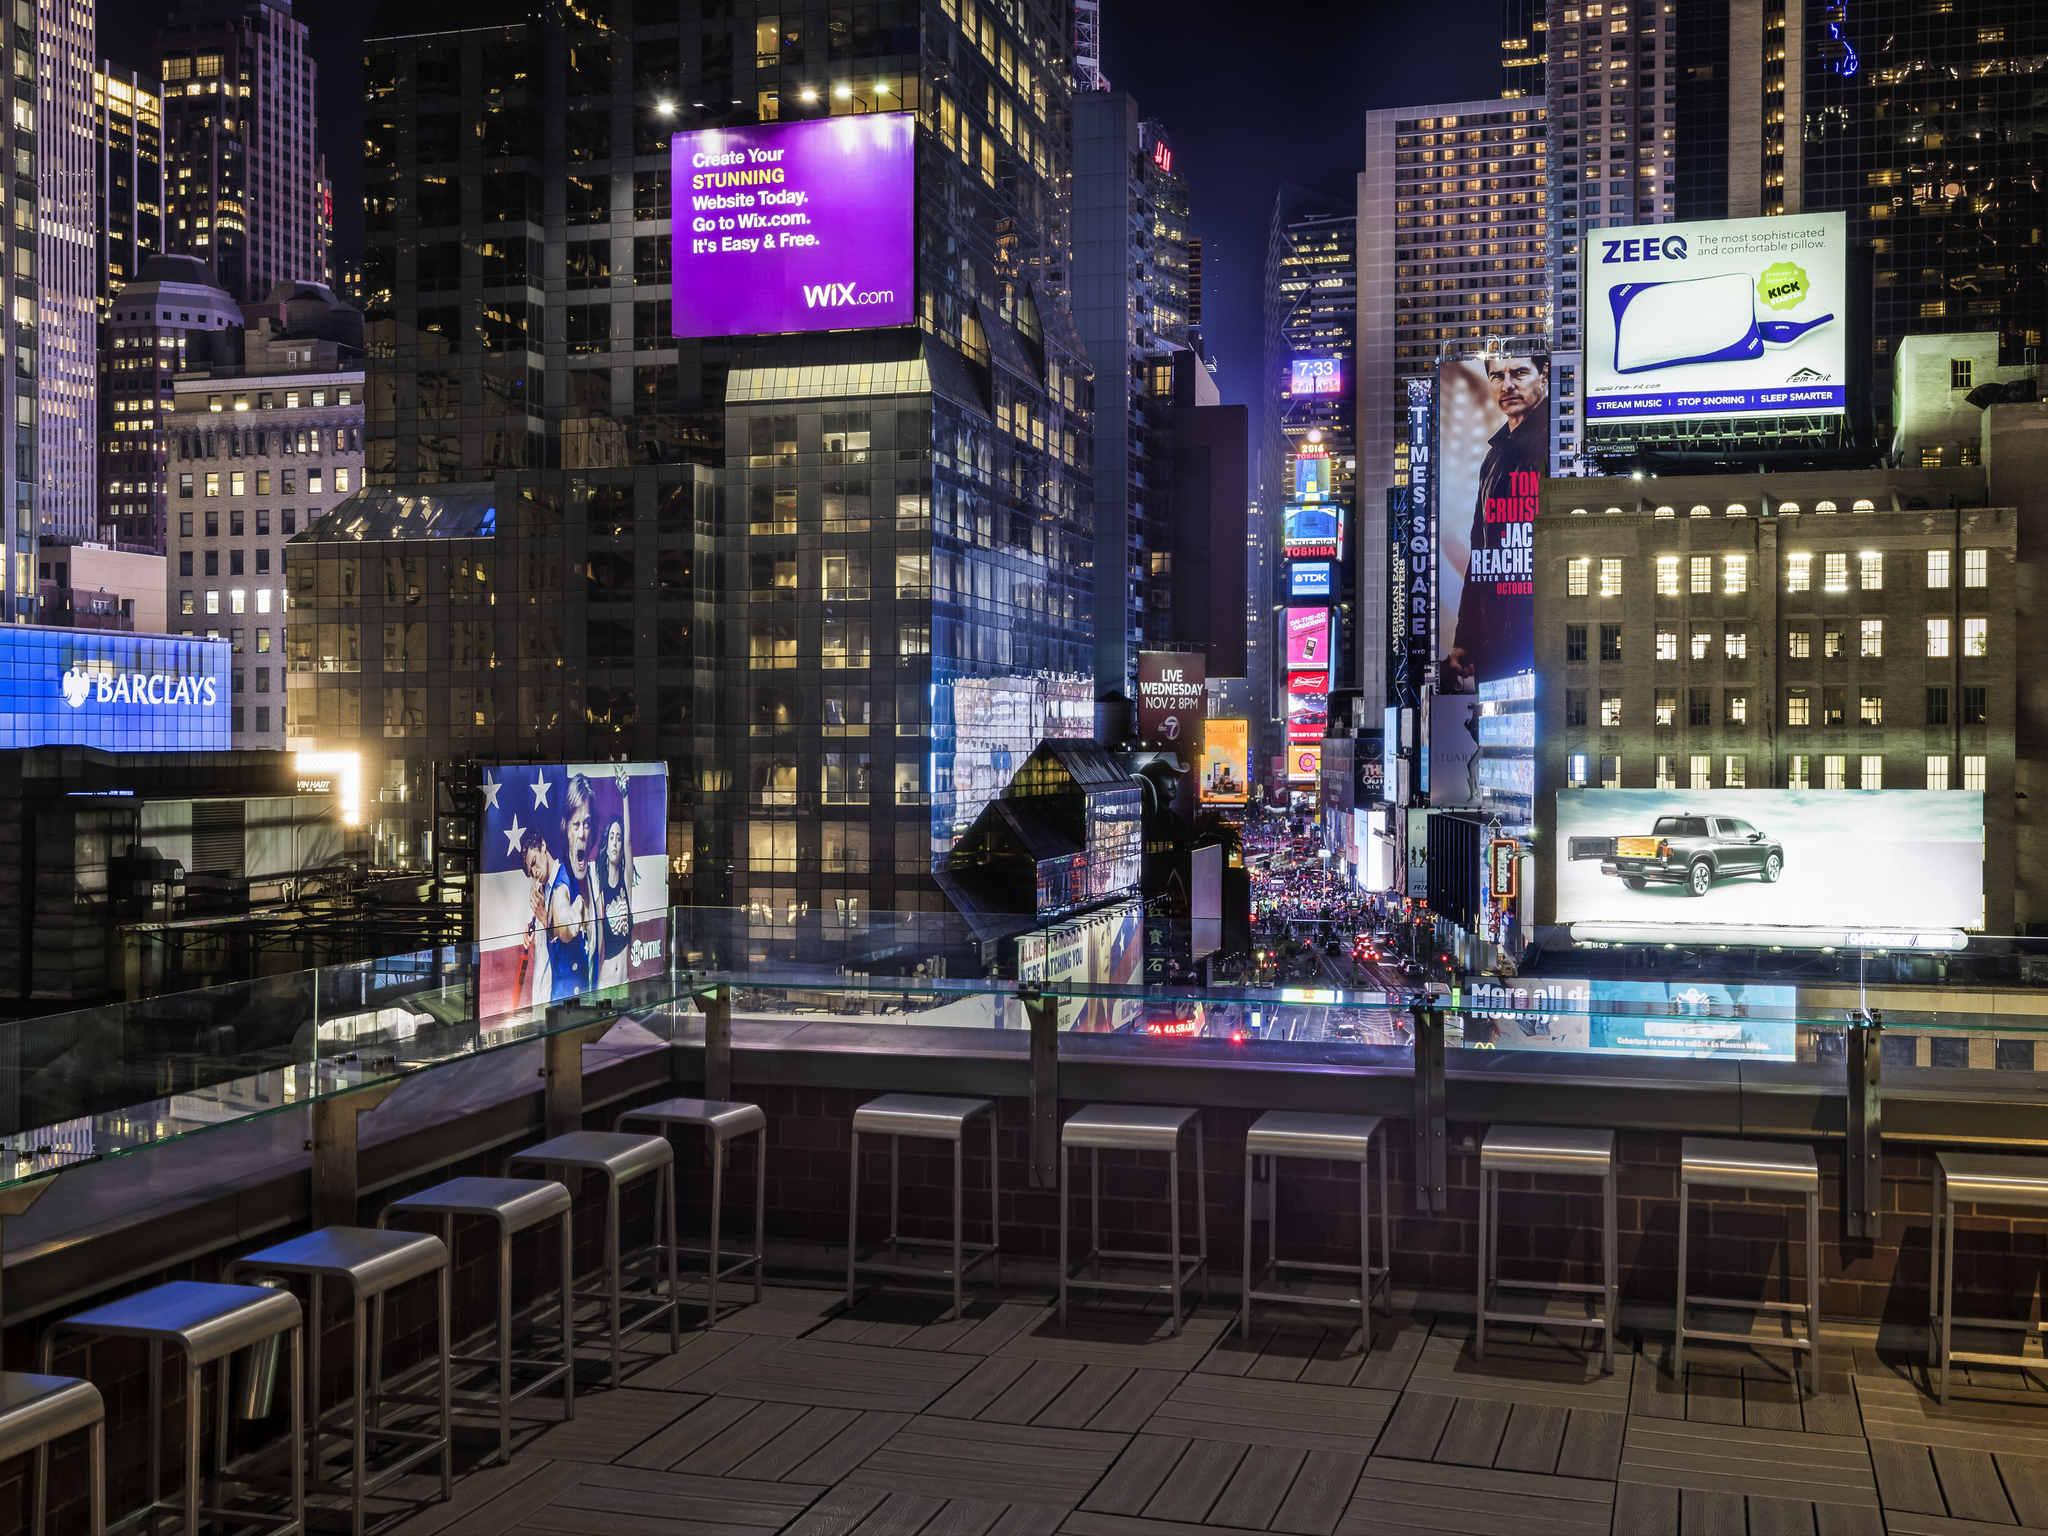 فندق - نوفوتيل Novotel نيويورك تايمز سكوير